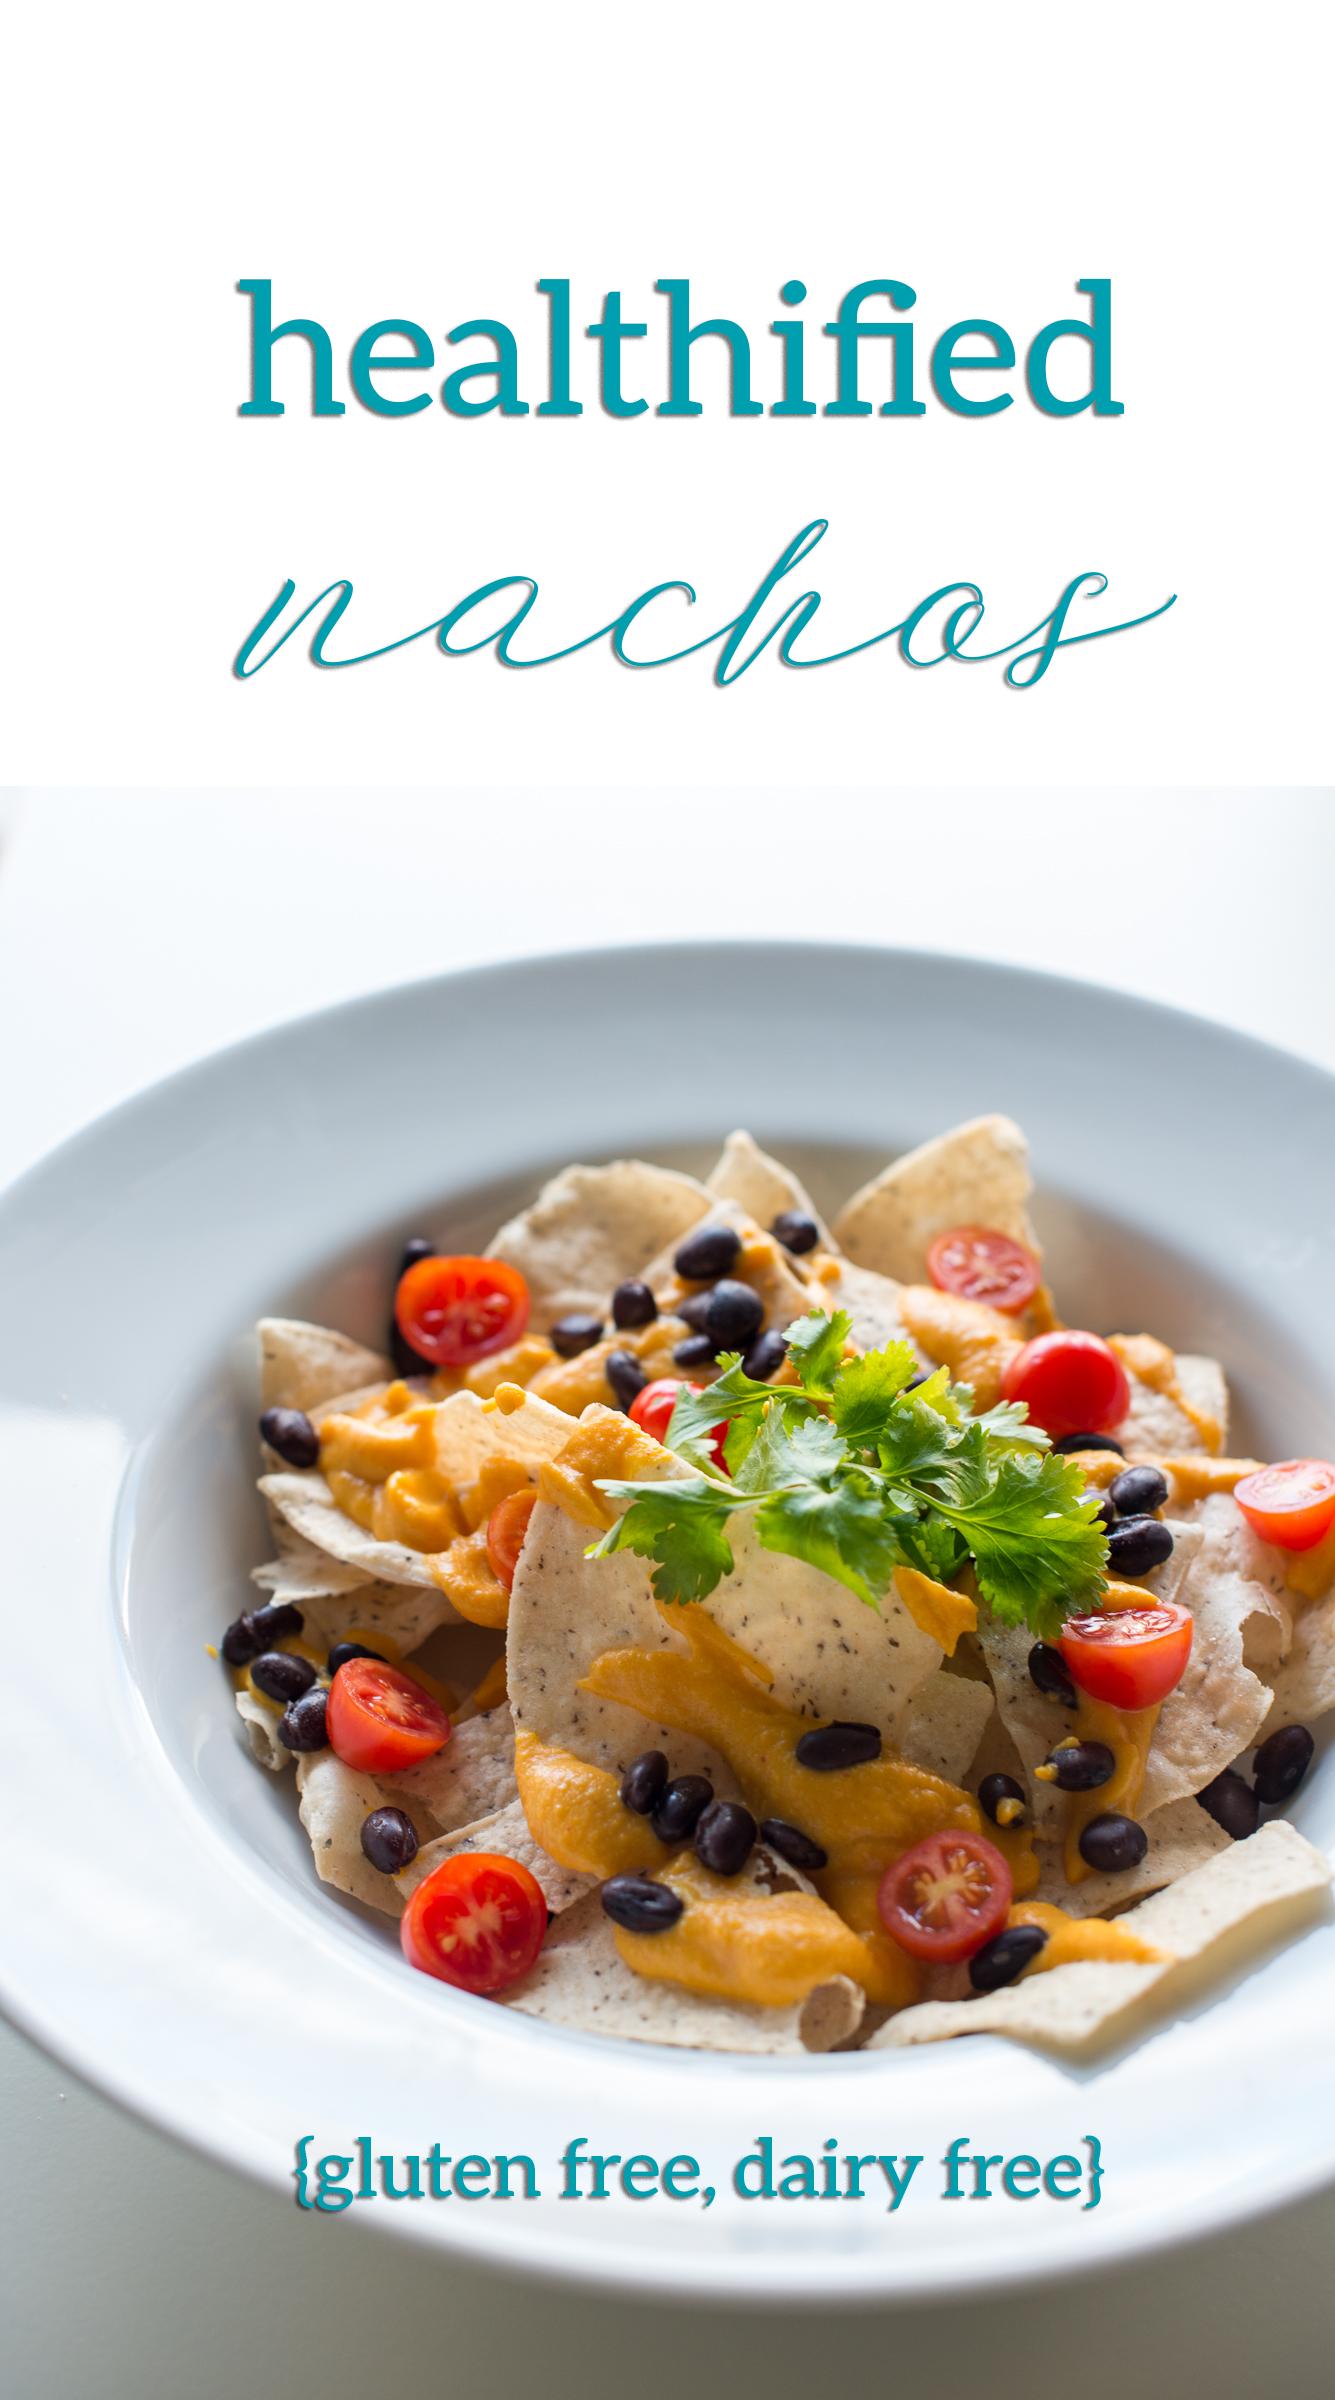 Healthified Nachos (gluten free, dairy free)